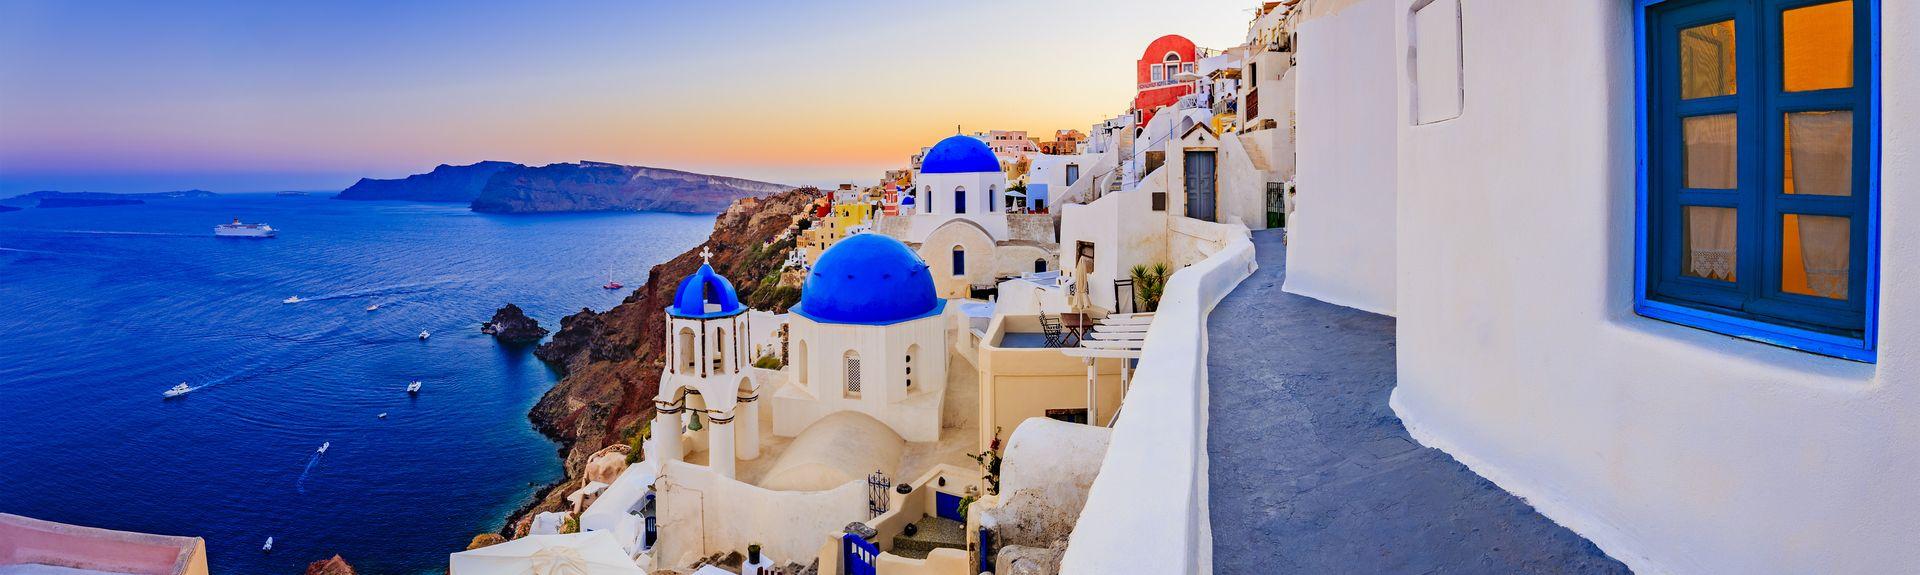 Oia, Egeanmeren saaret, Kreikka